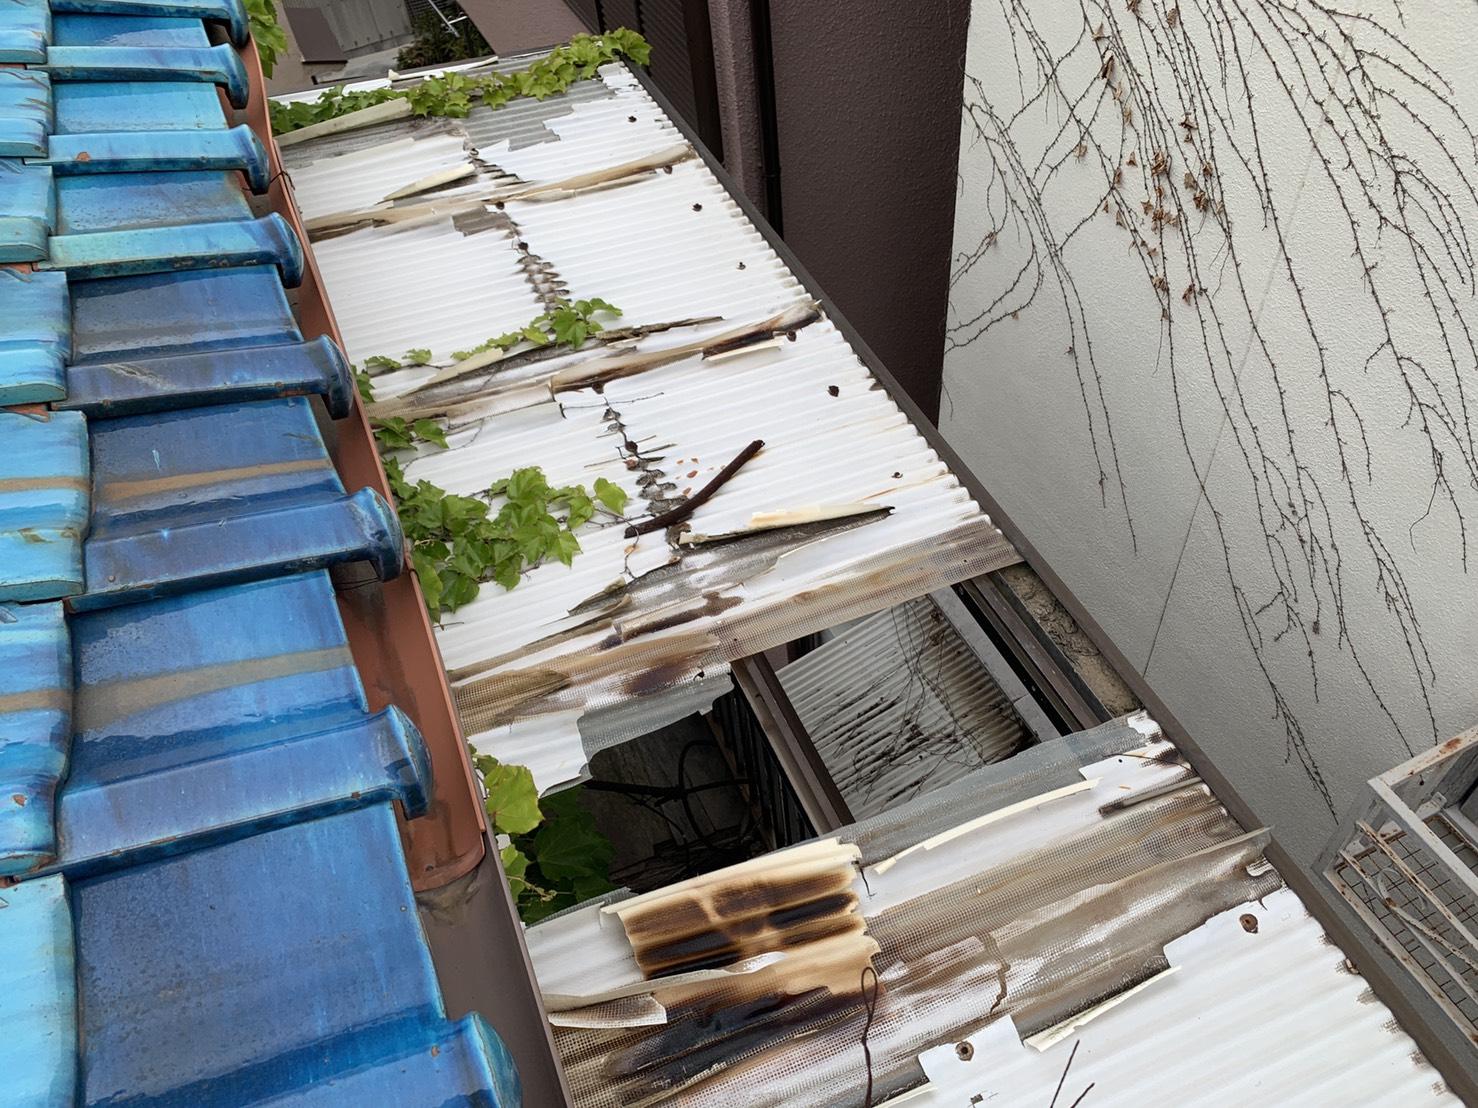 明石市で外装リフォームする予定の波板の様子